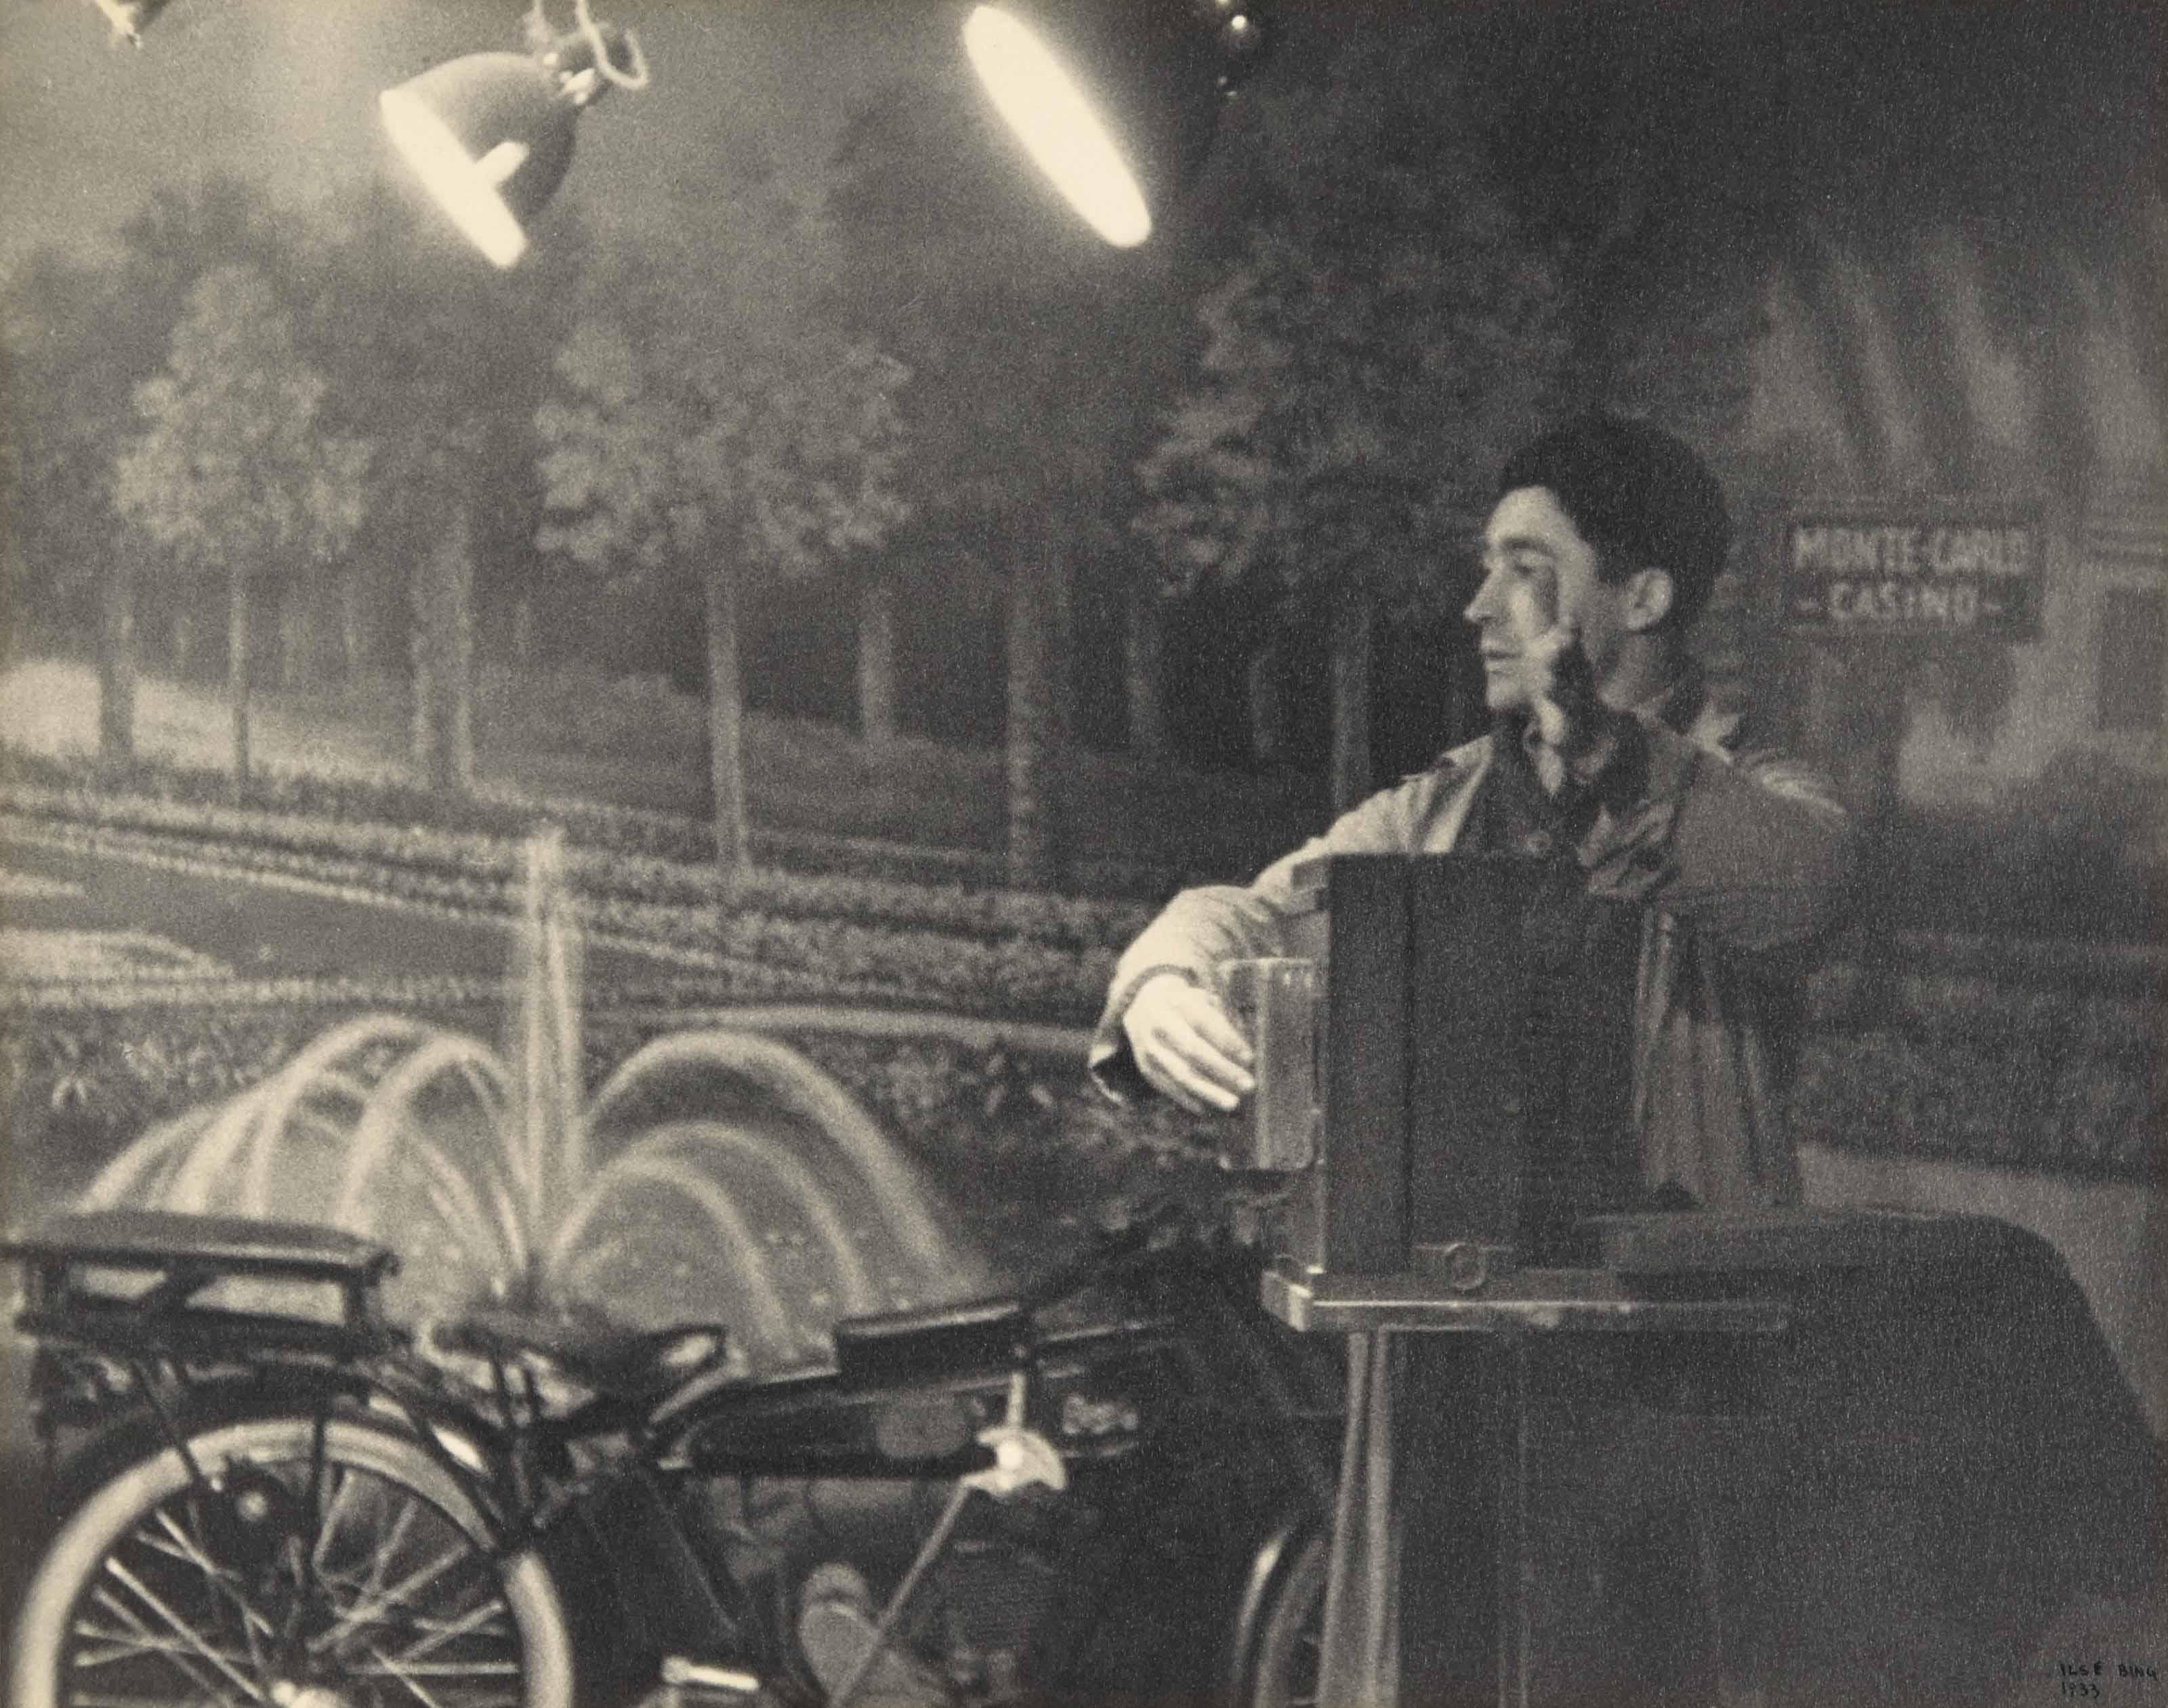 Photographe à la foire aux pains d'épices, Paris, 1933